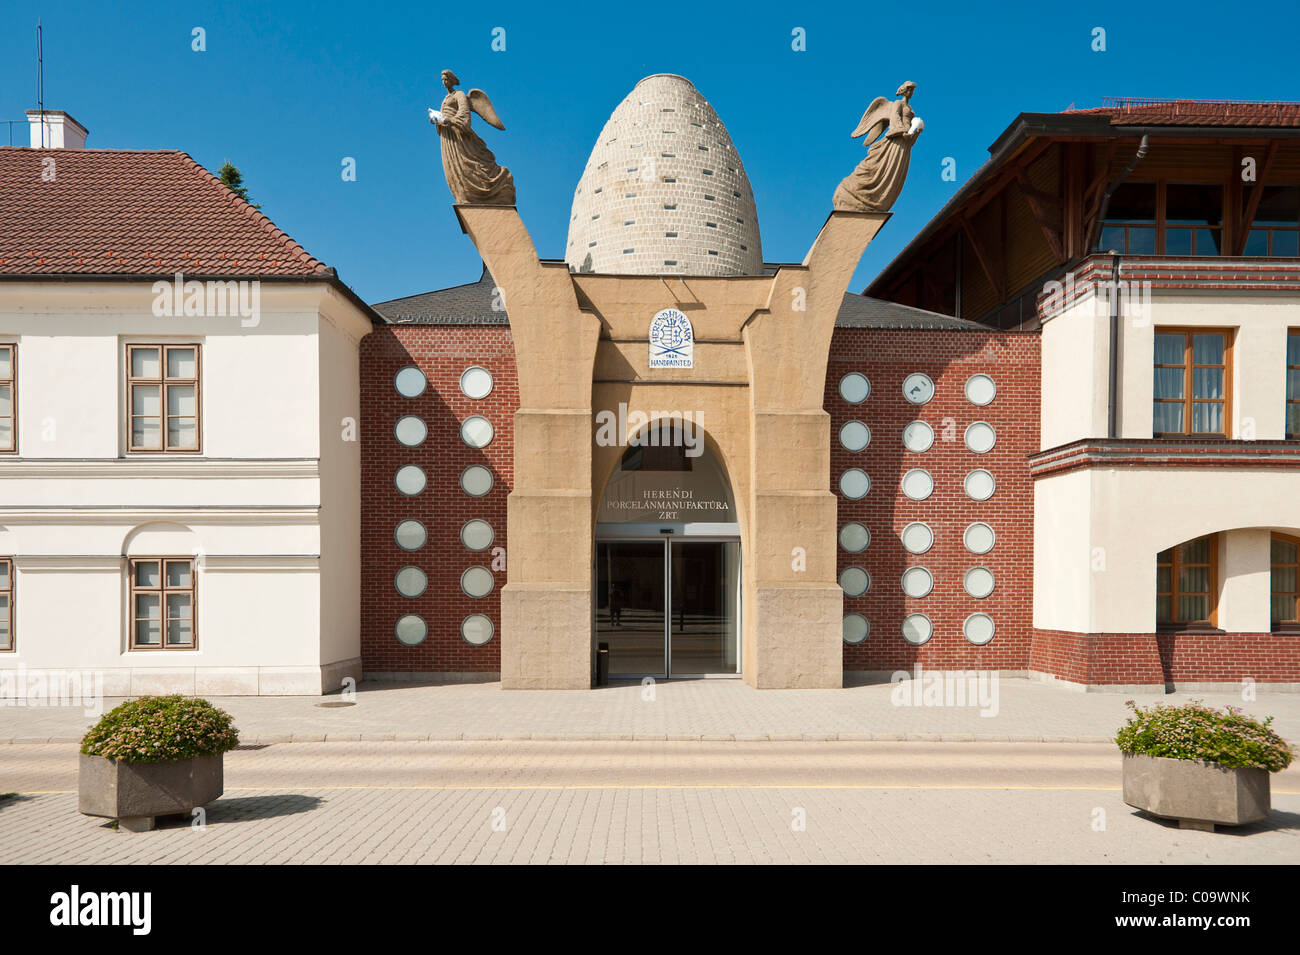 La fabricación de porcelana y el Museo de Porcelana, Herend, Hungría, Europa Imagen De Stock